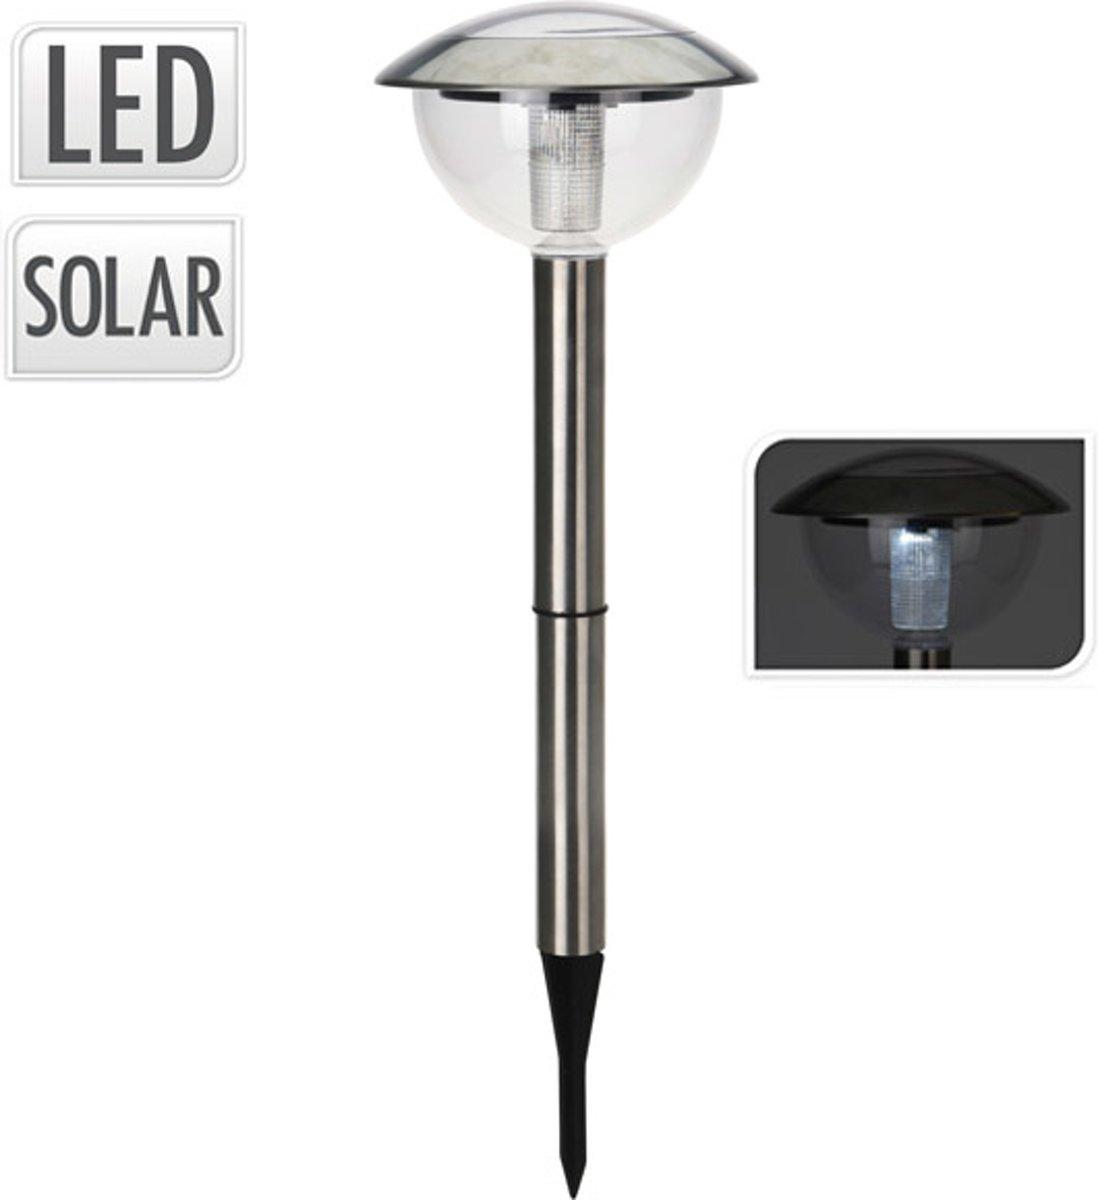 Progarden Solar RVS Tuinlamp op Zonne Energie – 51x16x5cm | Verlichting voor in de Tuin | Lichten Buiten met Zonnepaneel | Tuinlampen van Roestvrij Staal op Zonne Energie kopen